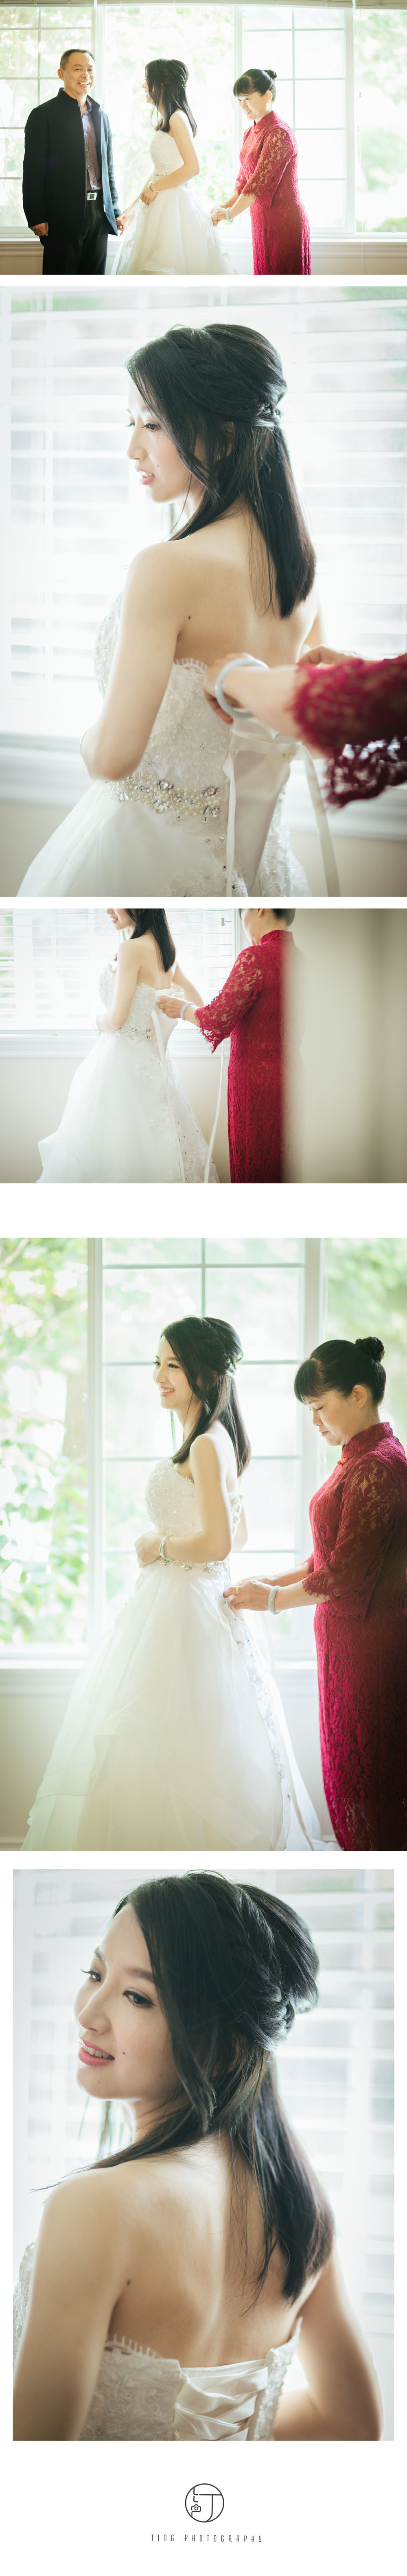 collage2final.jpg